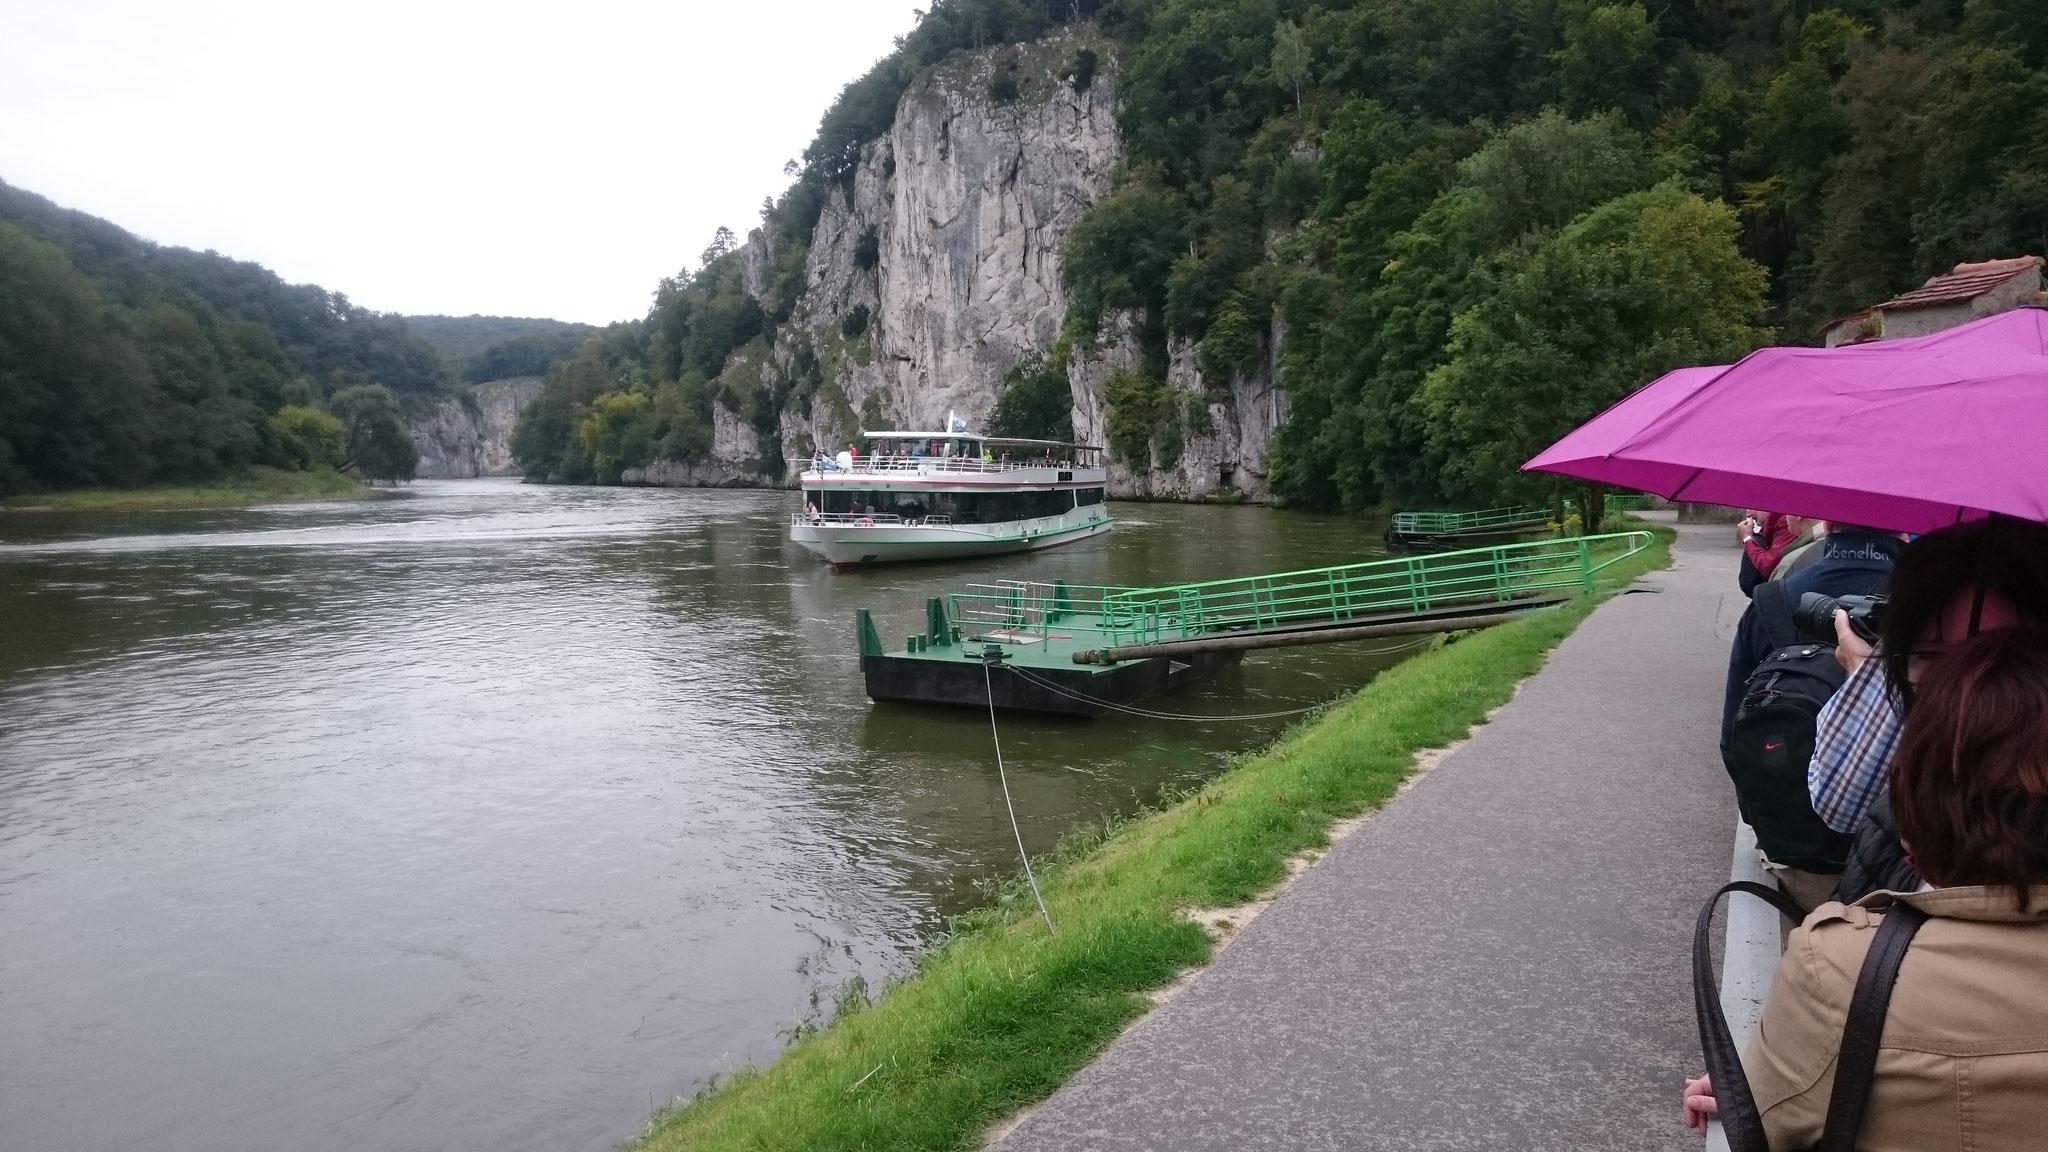 Nachmittags fahren wir mit dem Schiff via Donaudurchbruch  zum Kloster Weltenburg